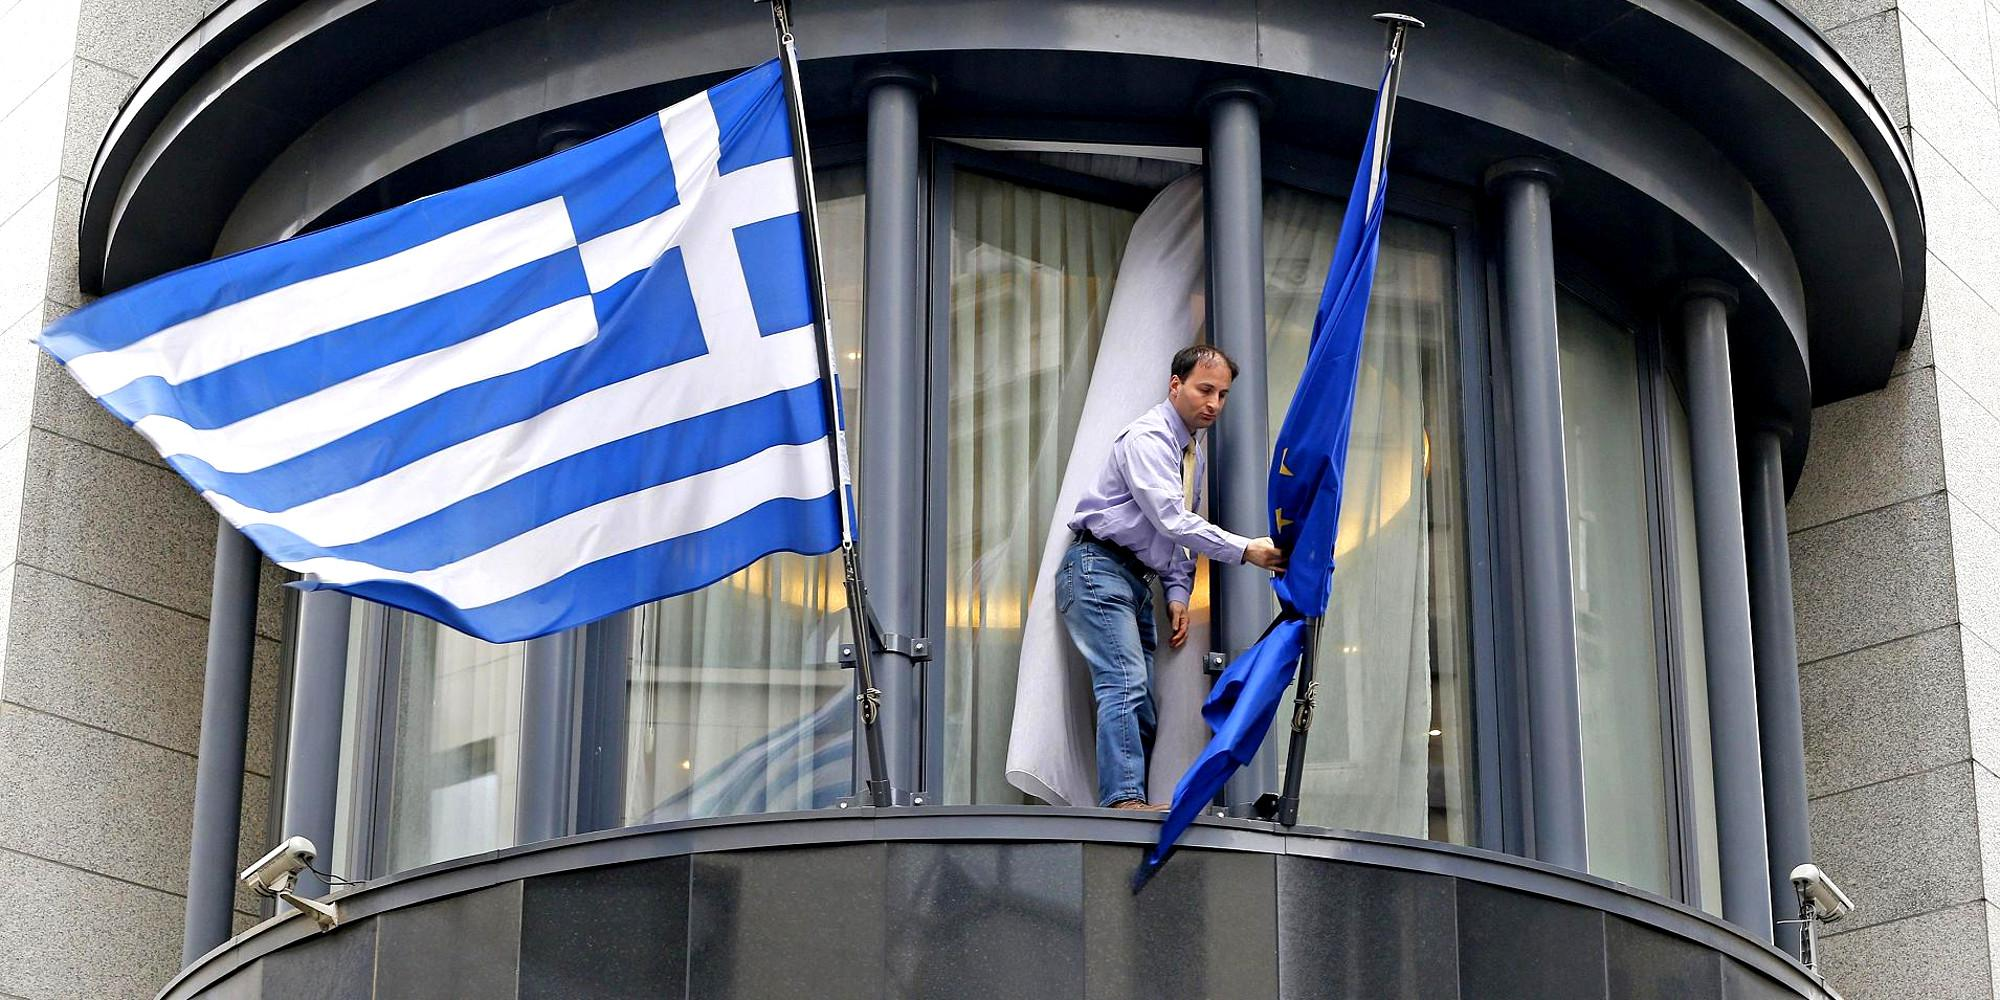 Γερμανικά ΜΜΕ: Πιο κοντά η συζήτηση για την ελάφρυνση του ελληνικού χρέους